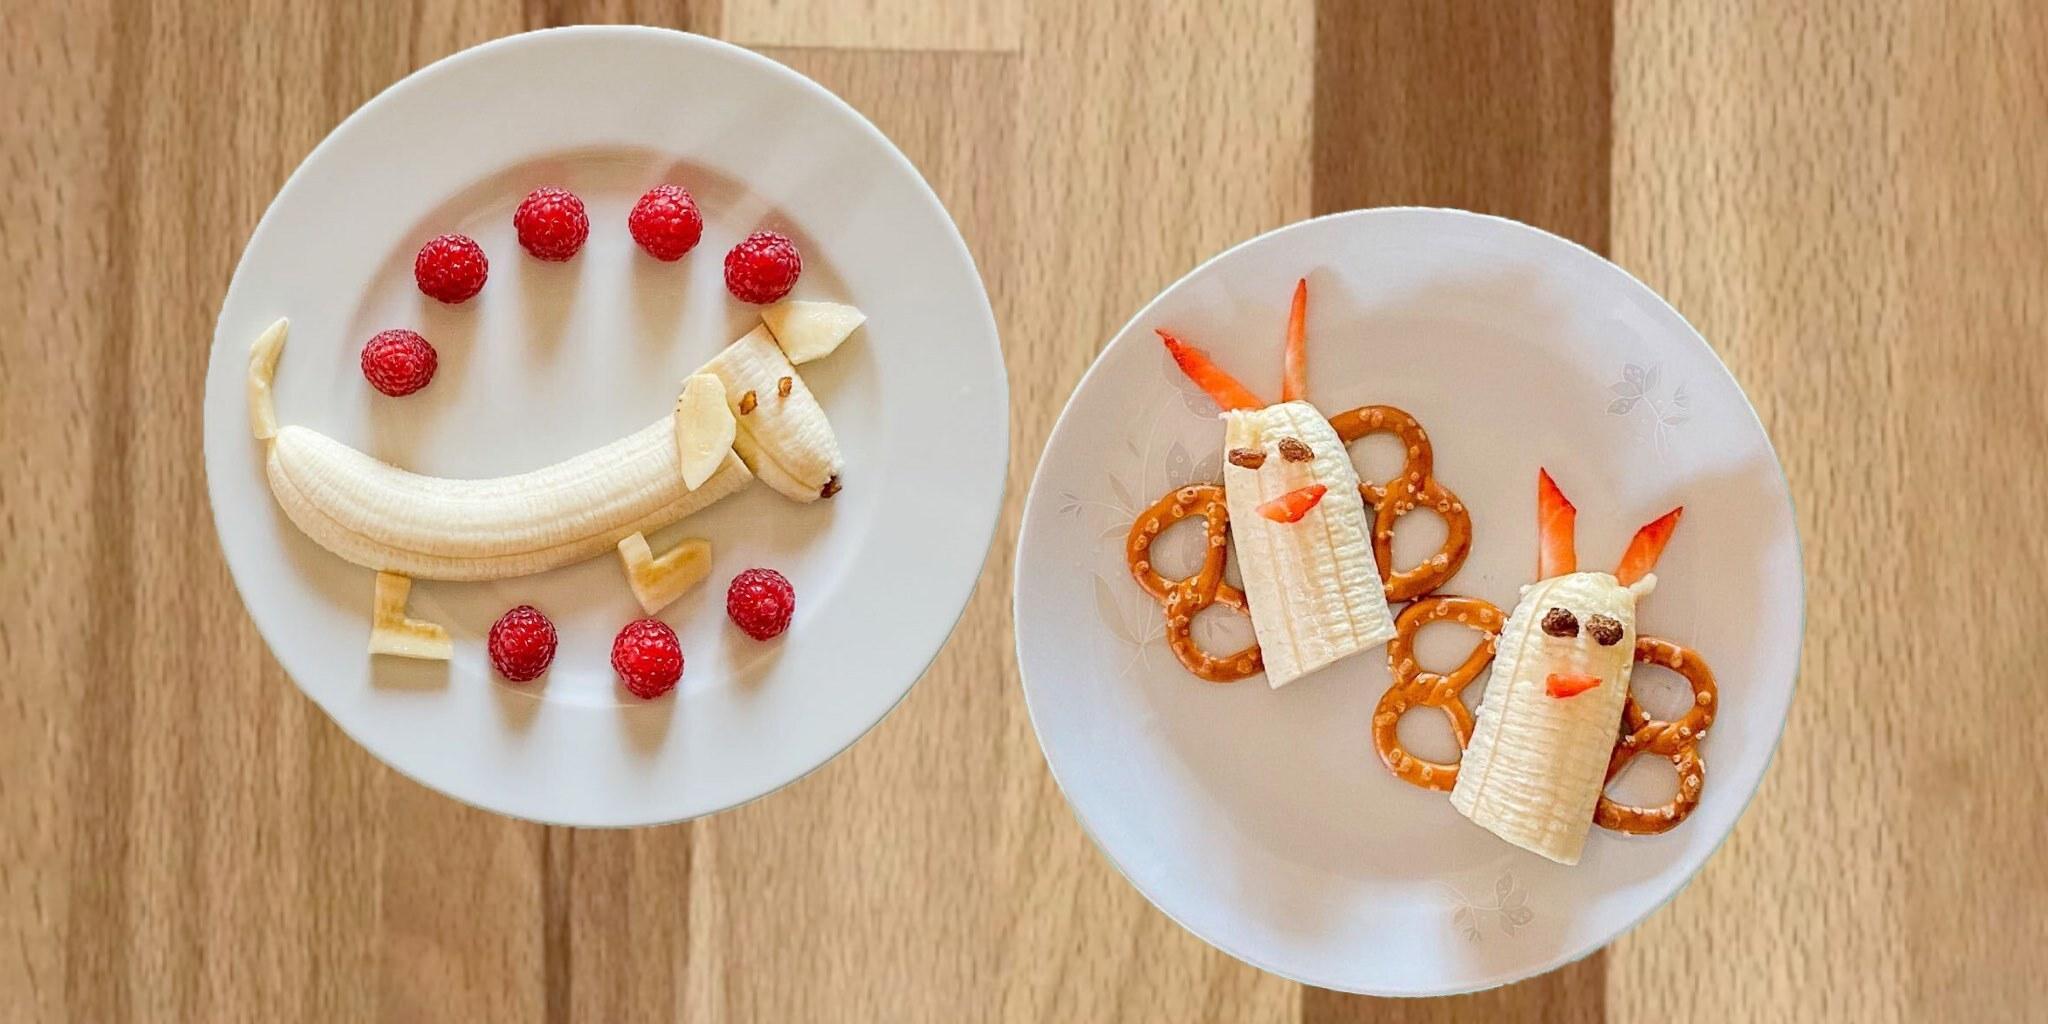 Deux desserts à la banane